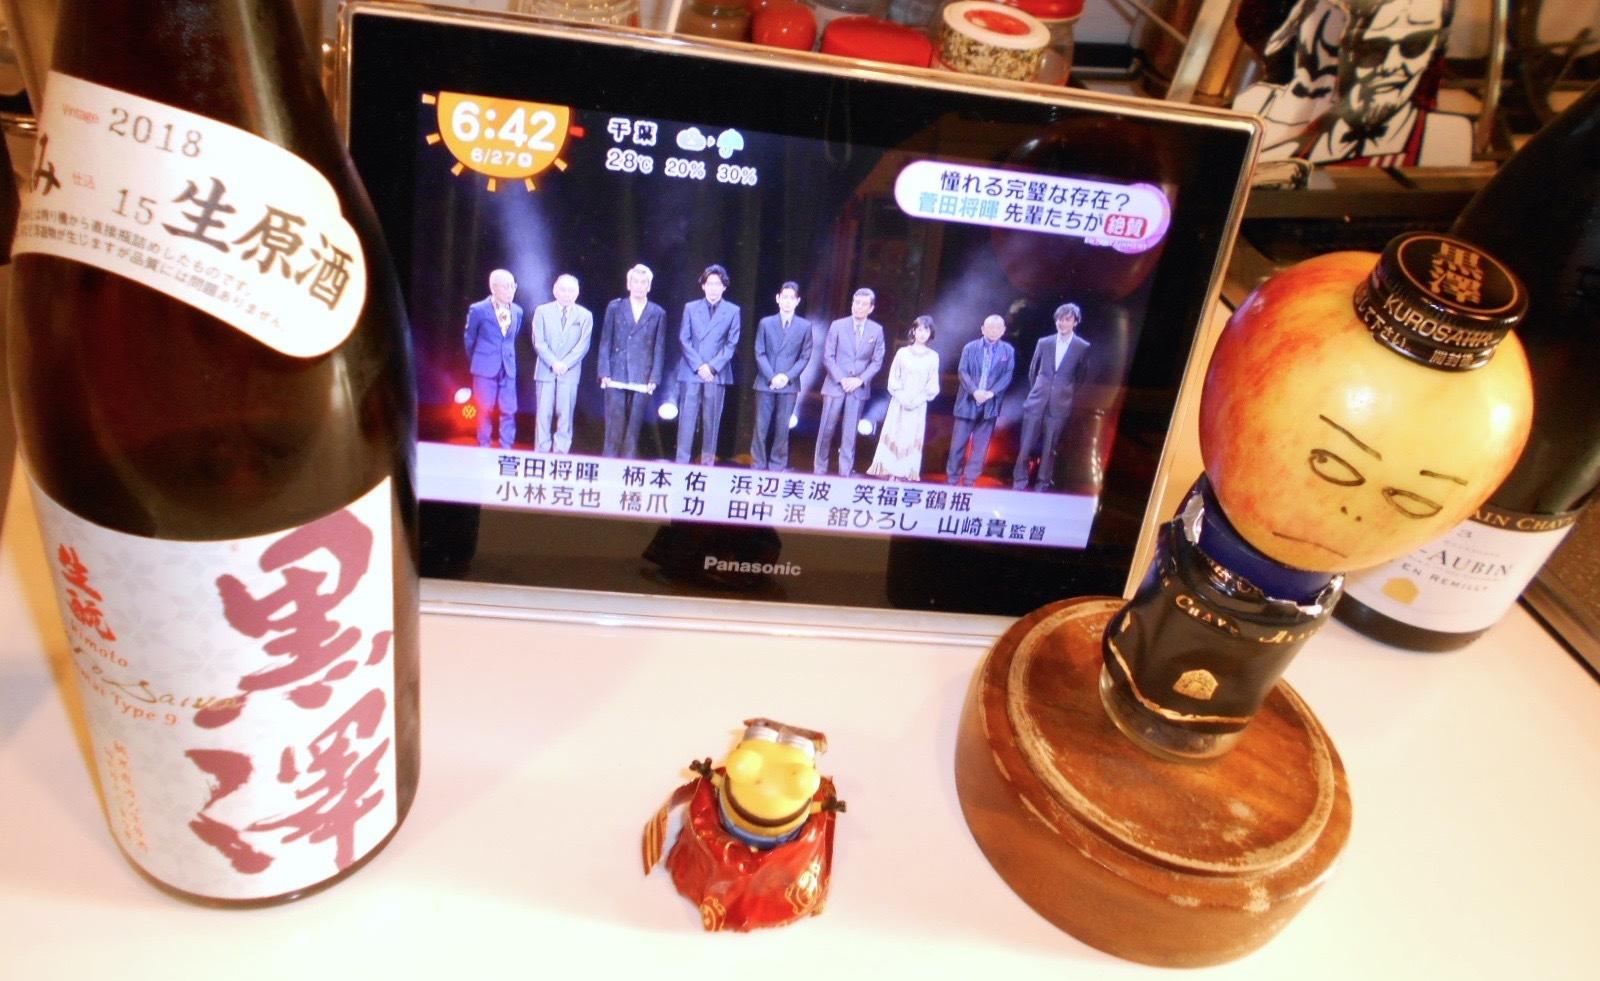 kurosawa_type9_30by3_6.jpg